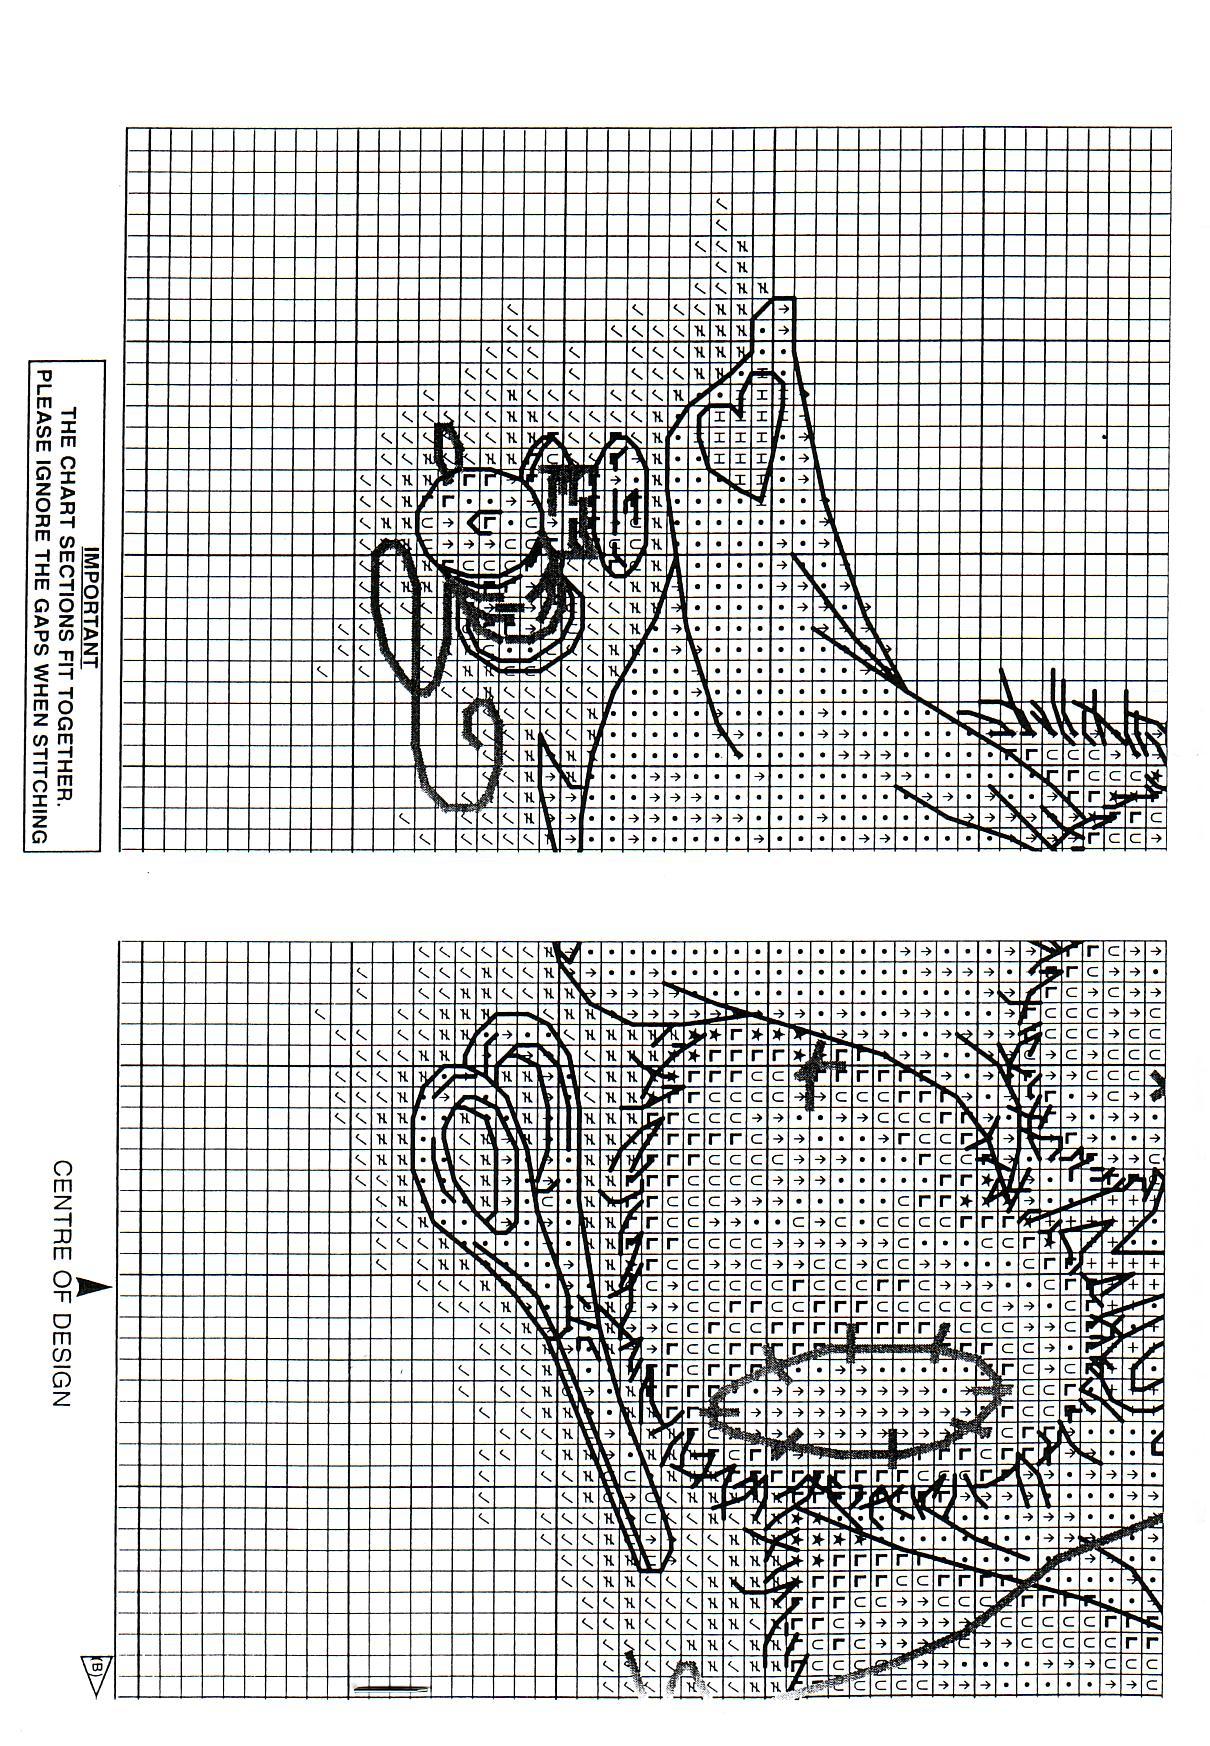 Schema punto croce orsetto ricama 5 for Schema punto croce orsetto